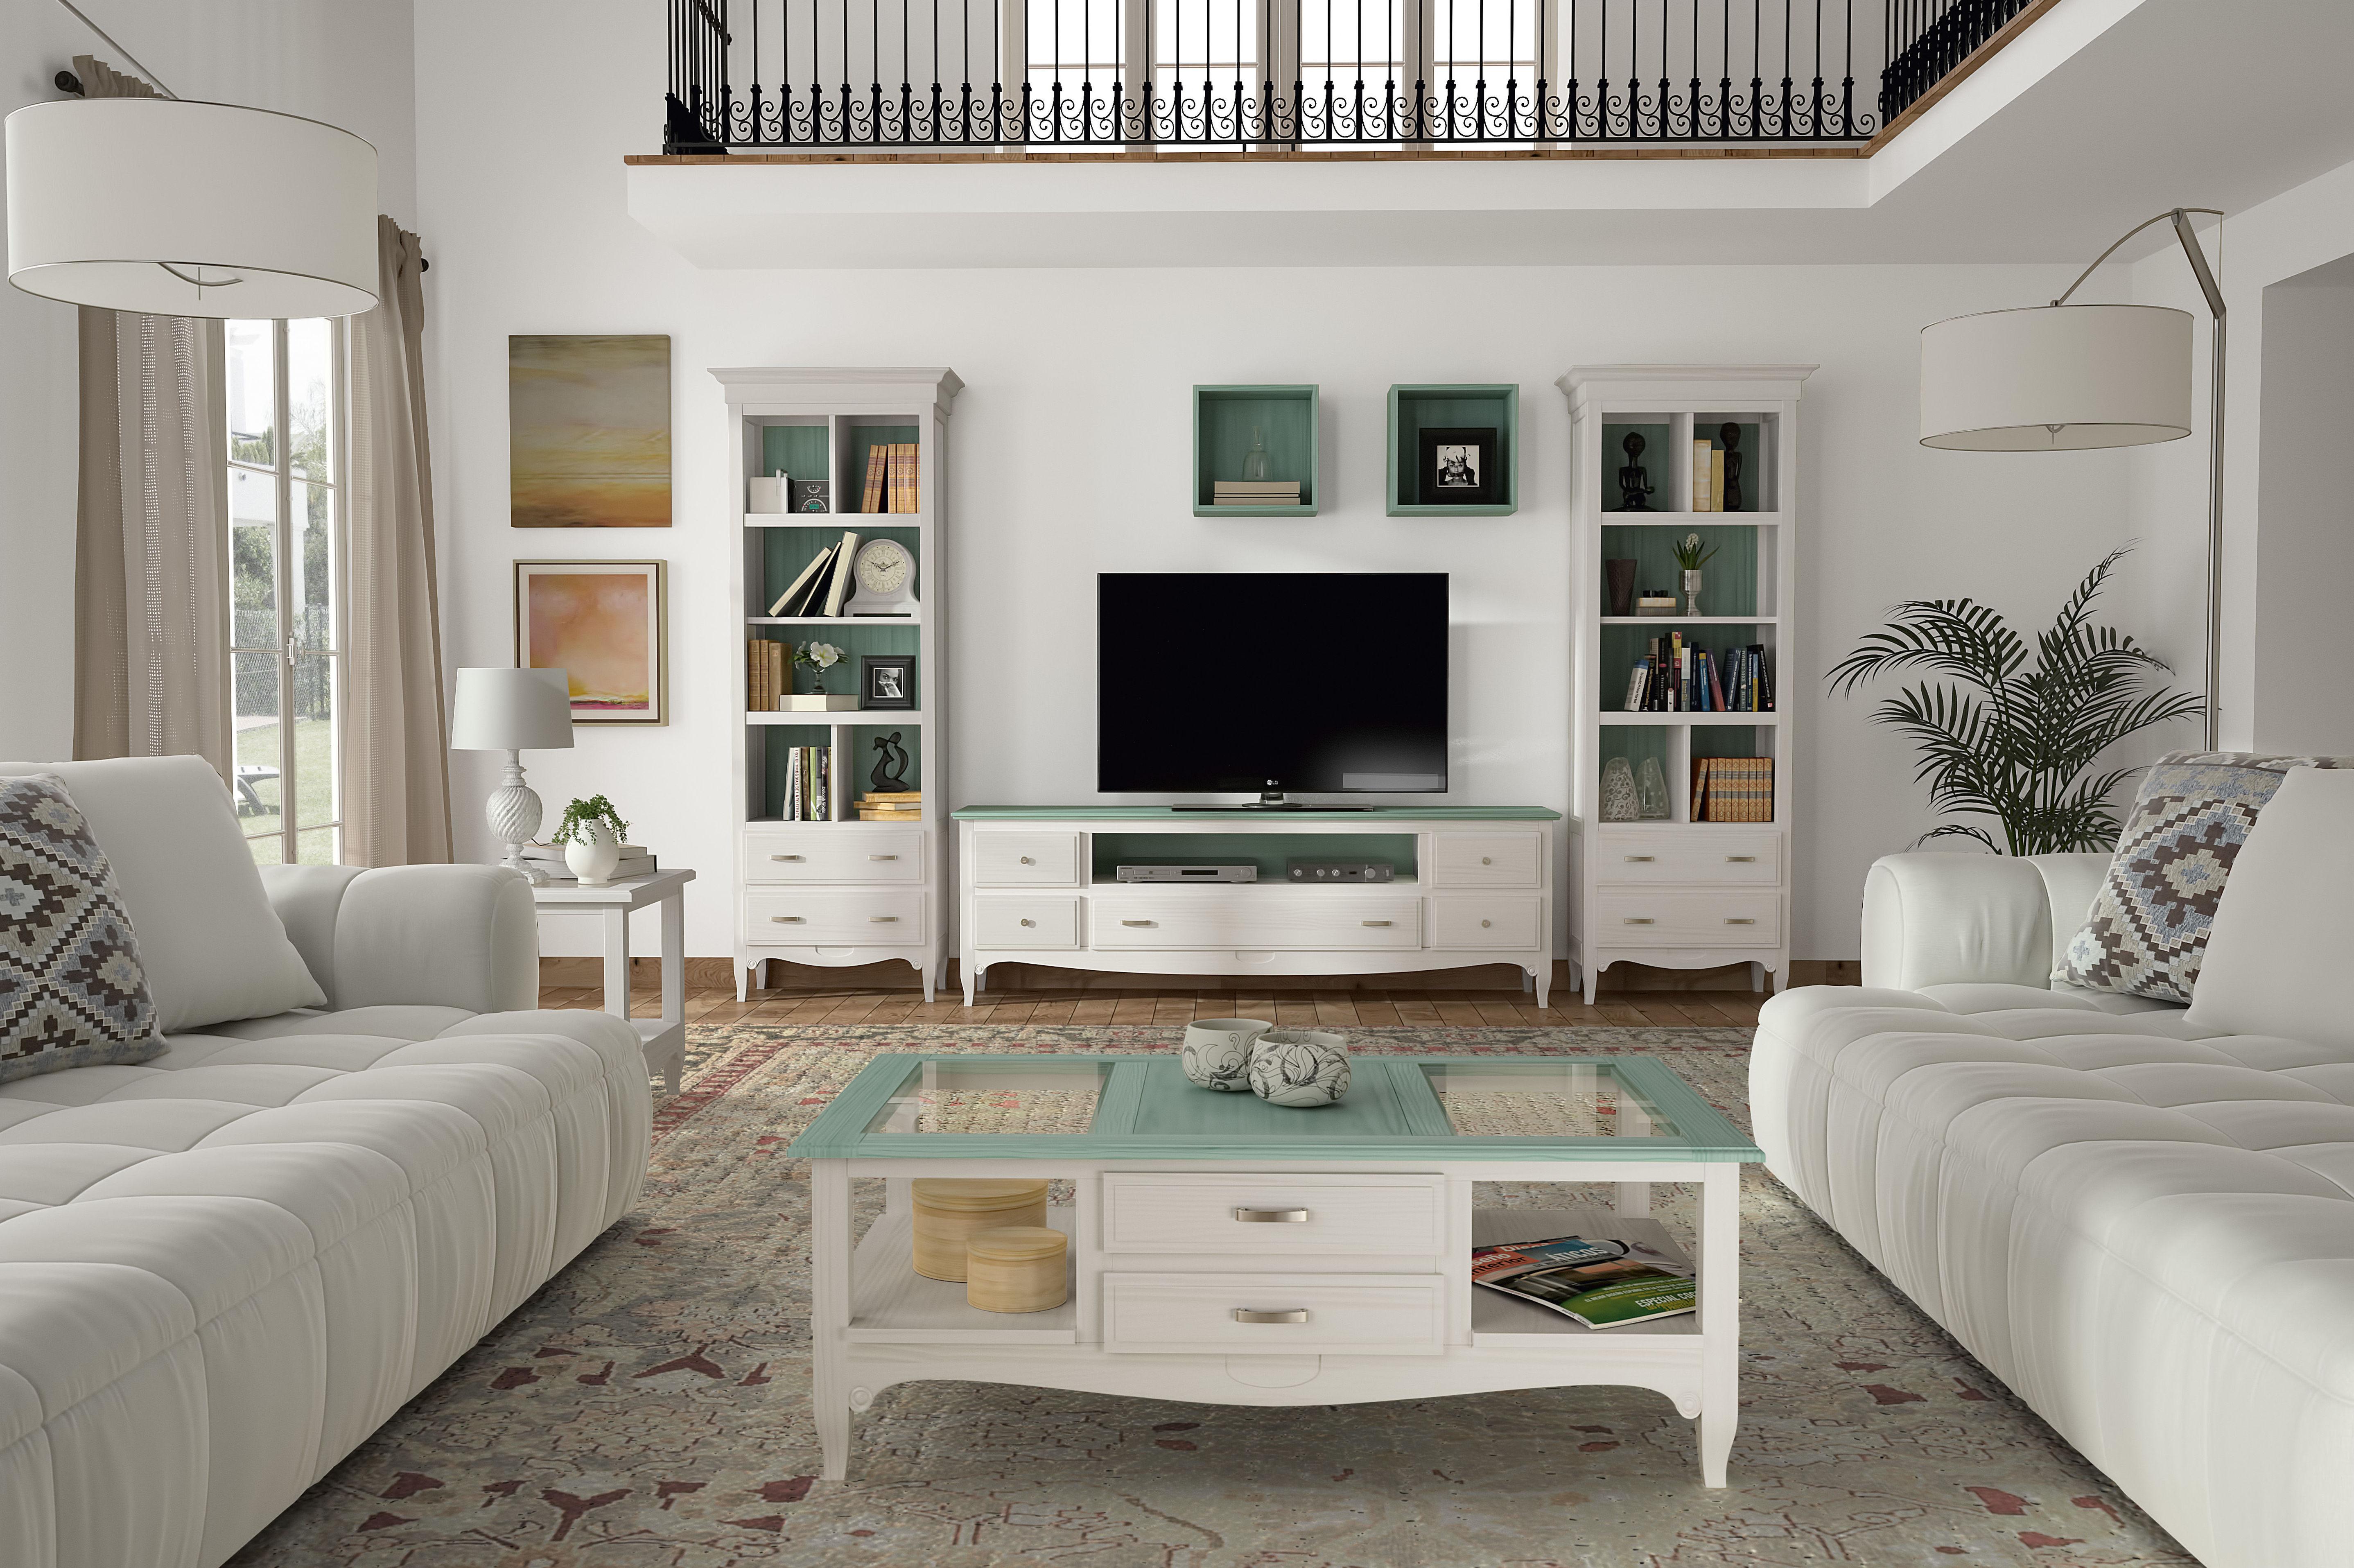 Foto 2 de muebles en m laga k barato muebles - Muebles rusticos malaga ...